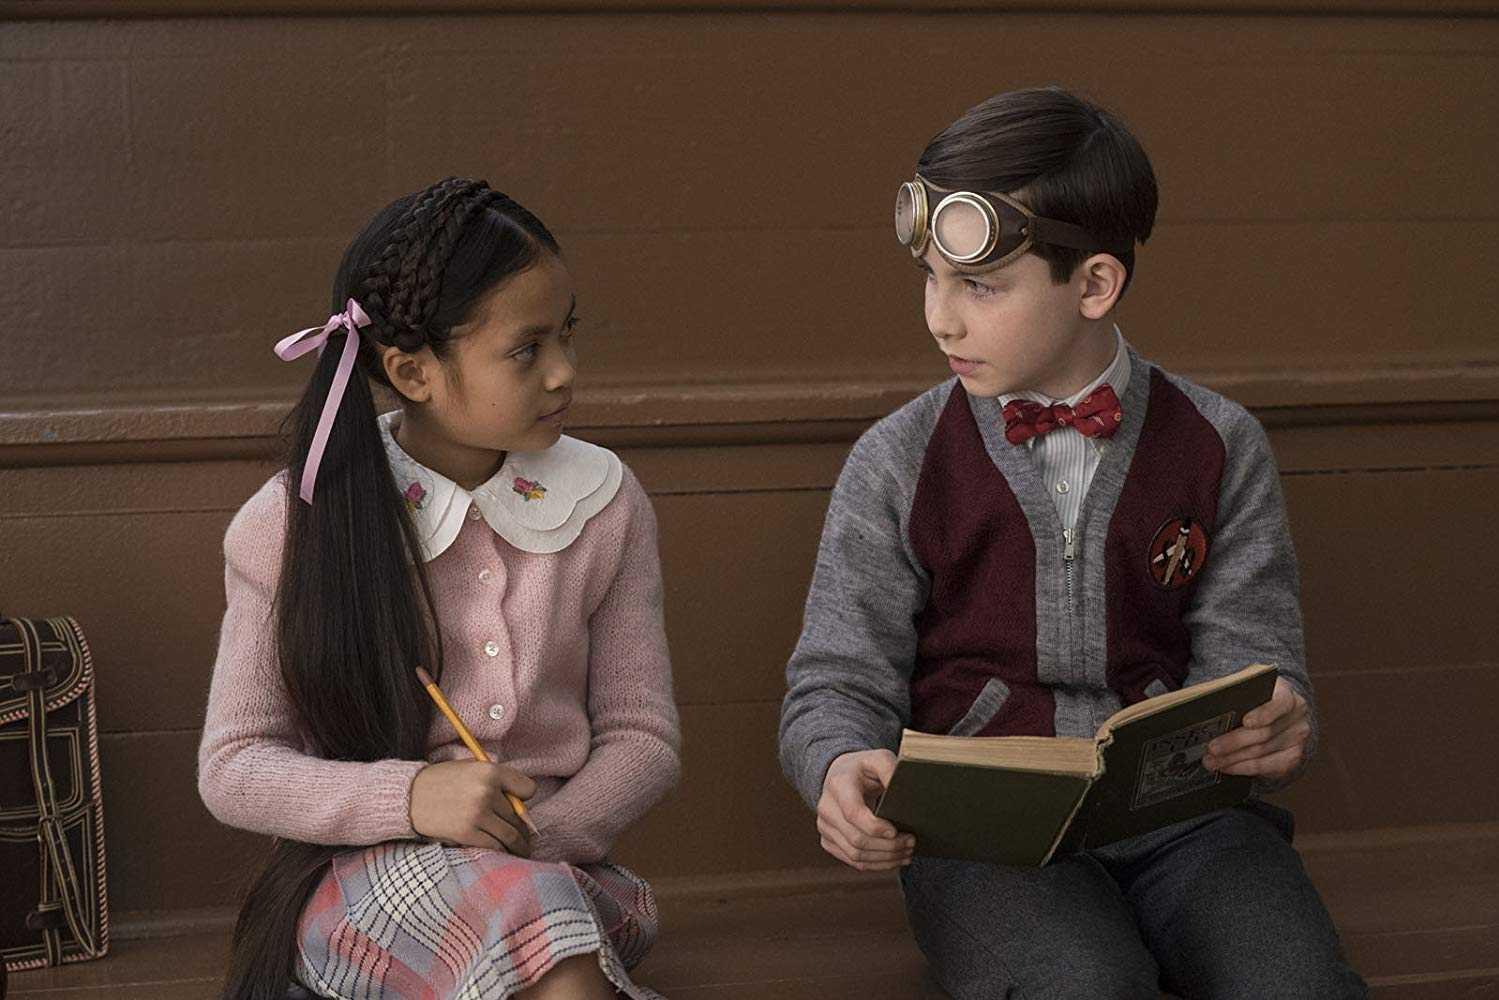 Il giovane Lewis ed una sua compagna di classe in una scena del film